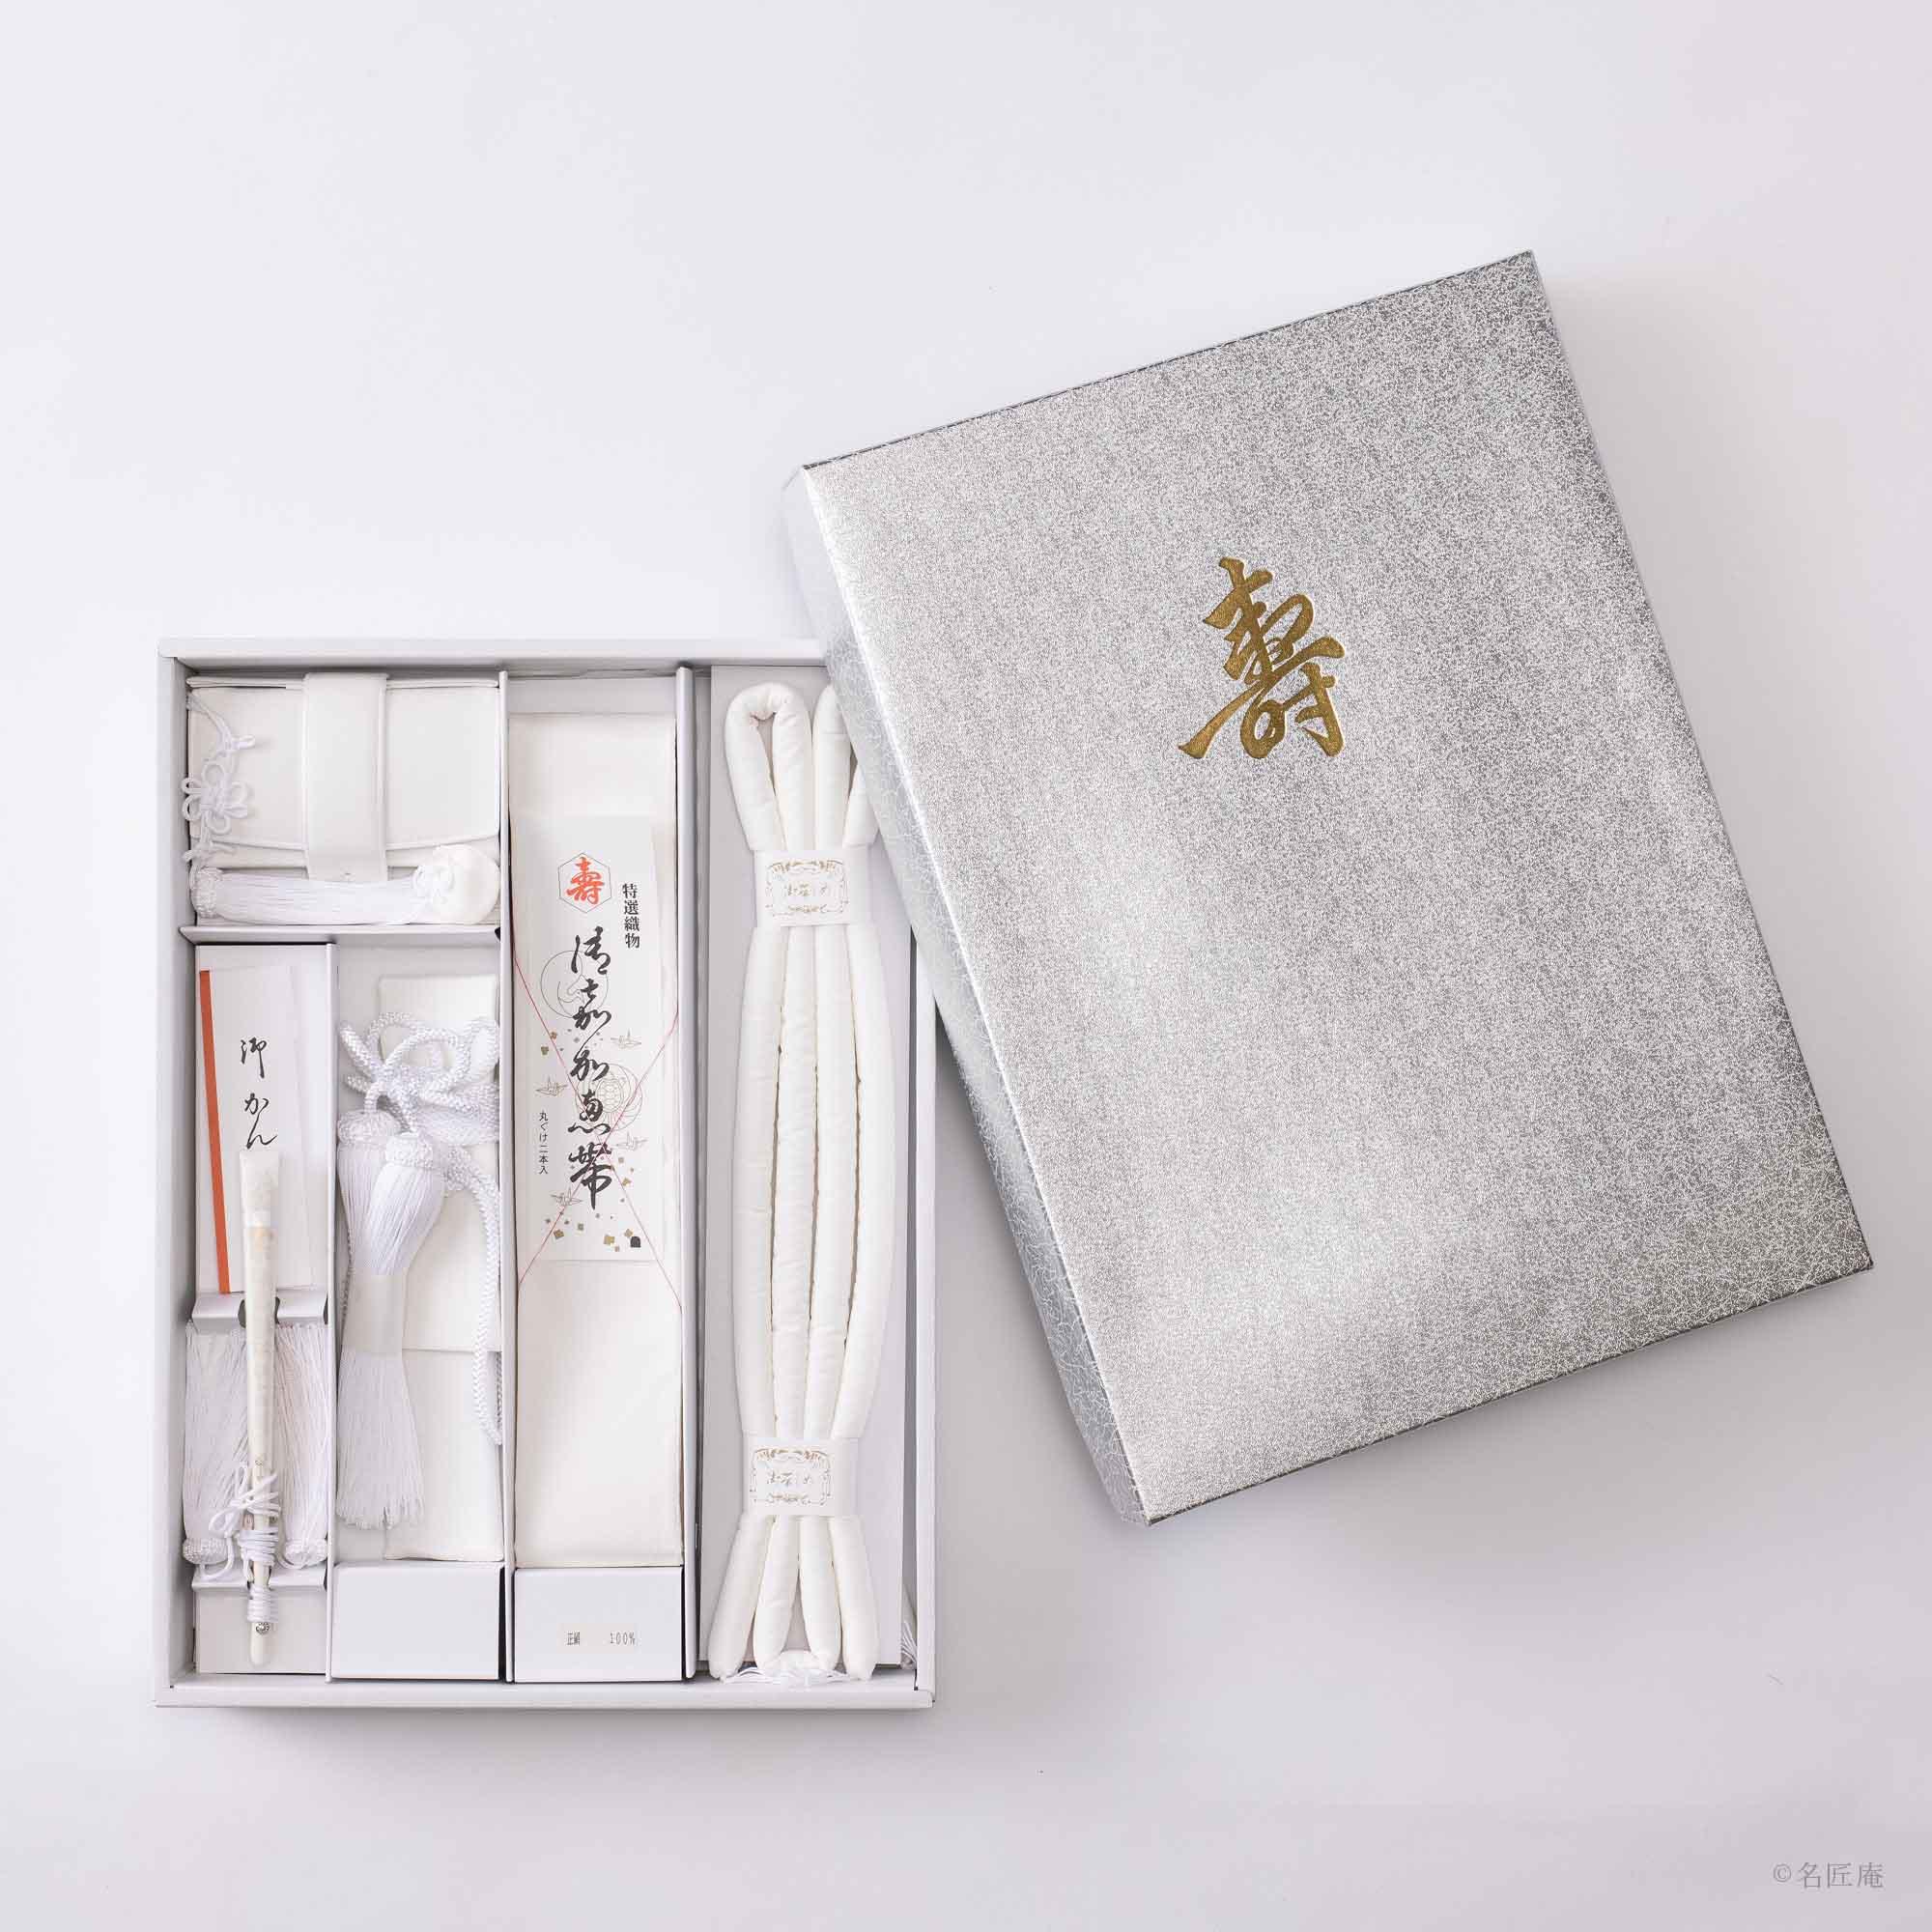 「帯締め」 「帯揚げ」 「箱せこ」 「懐剣入れ」 「白房付の礼装白骨扇子」 など、小物類も 全て純白で統一します。